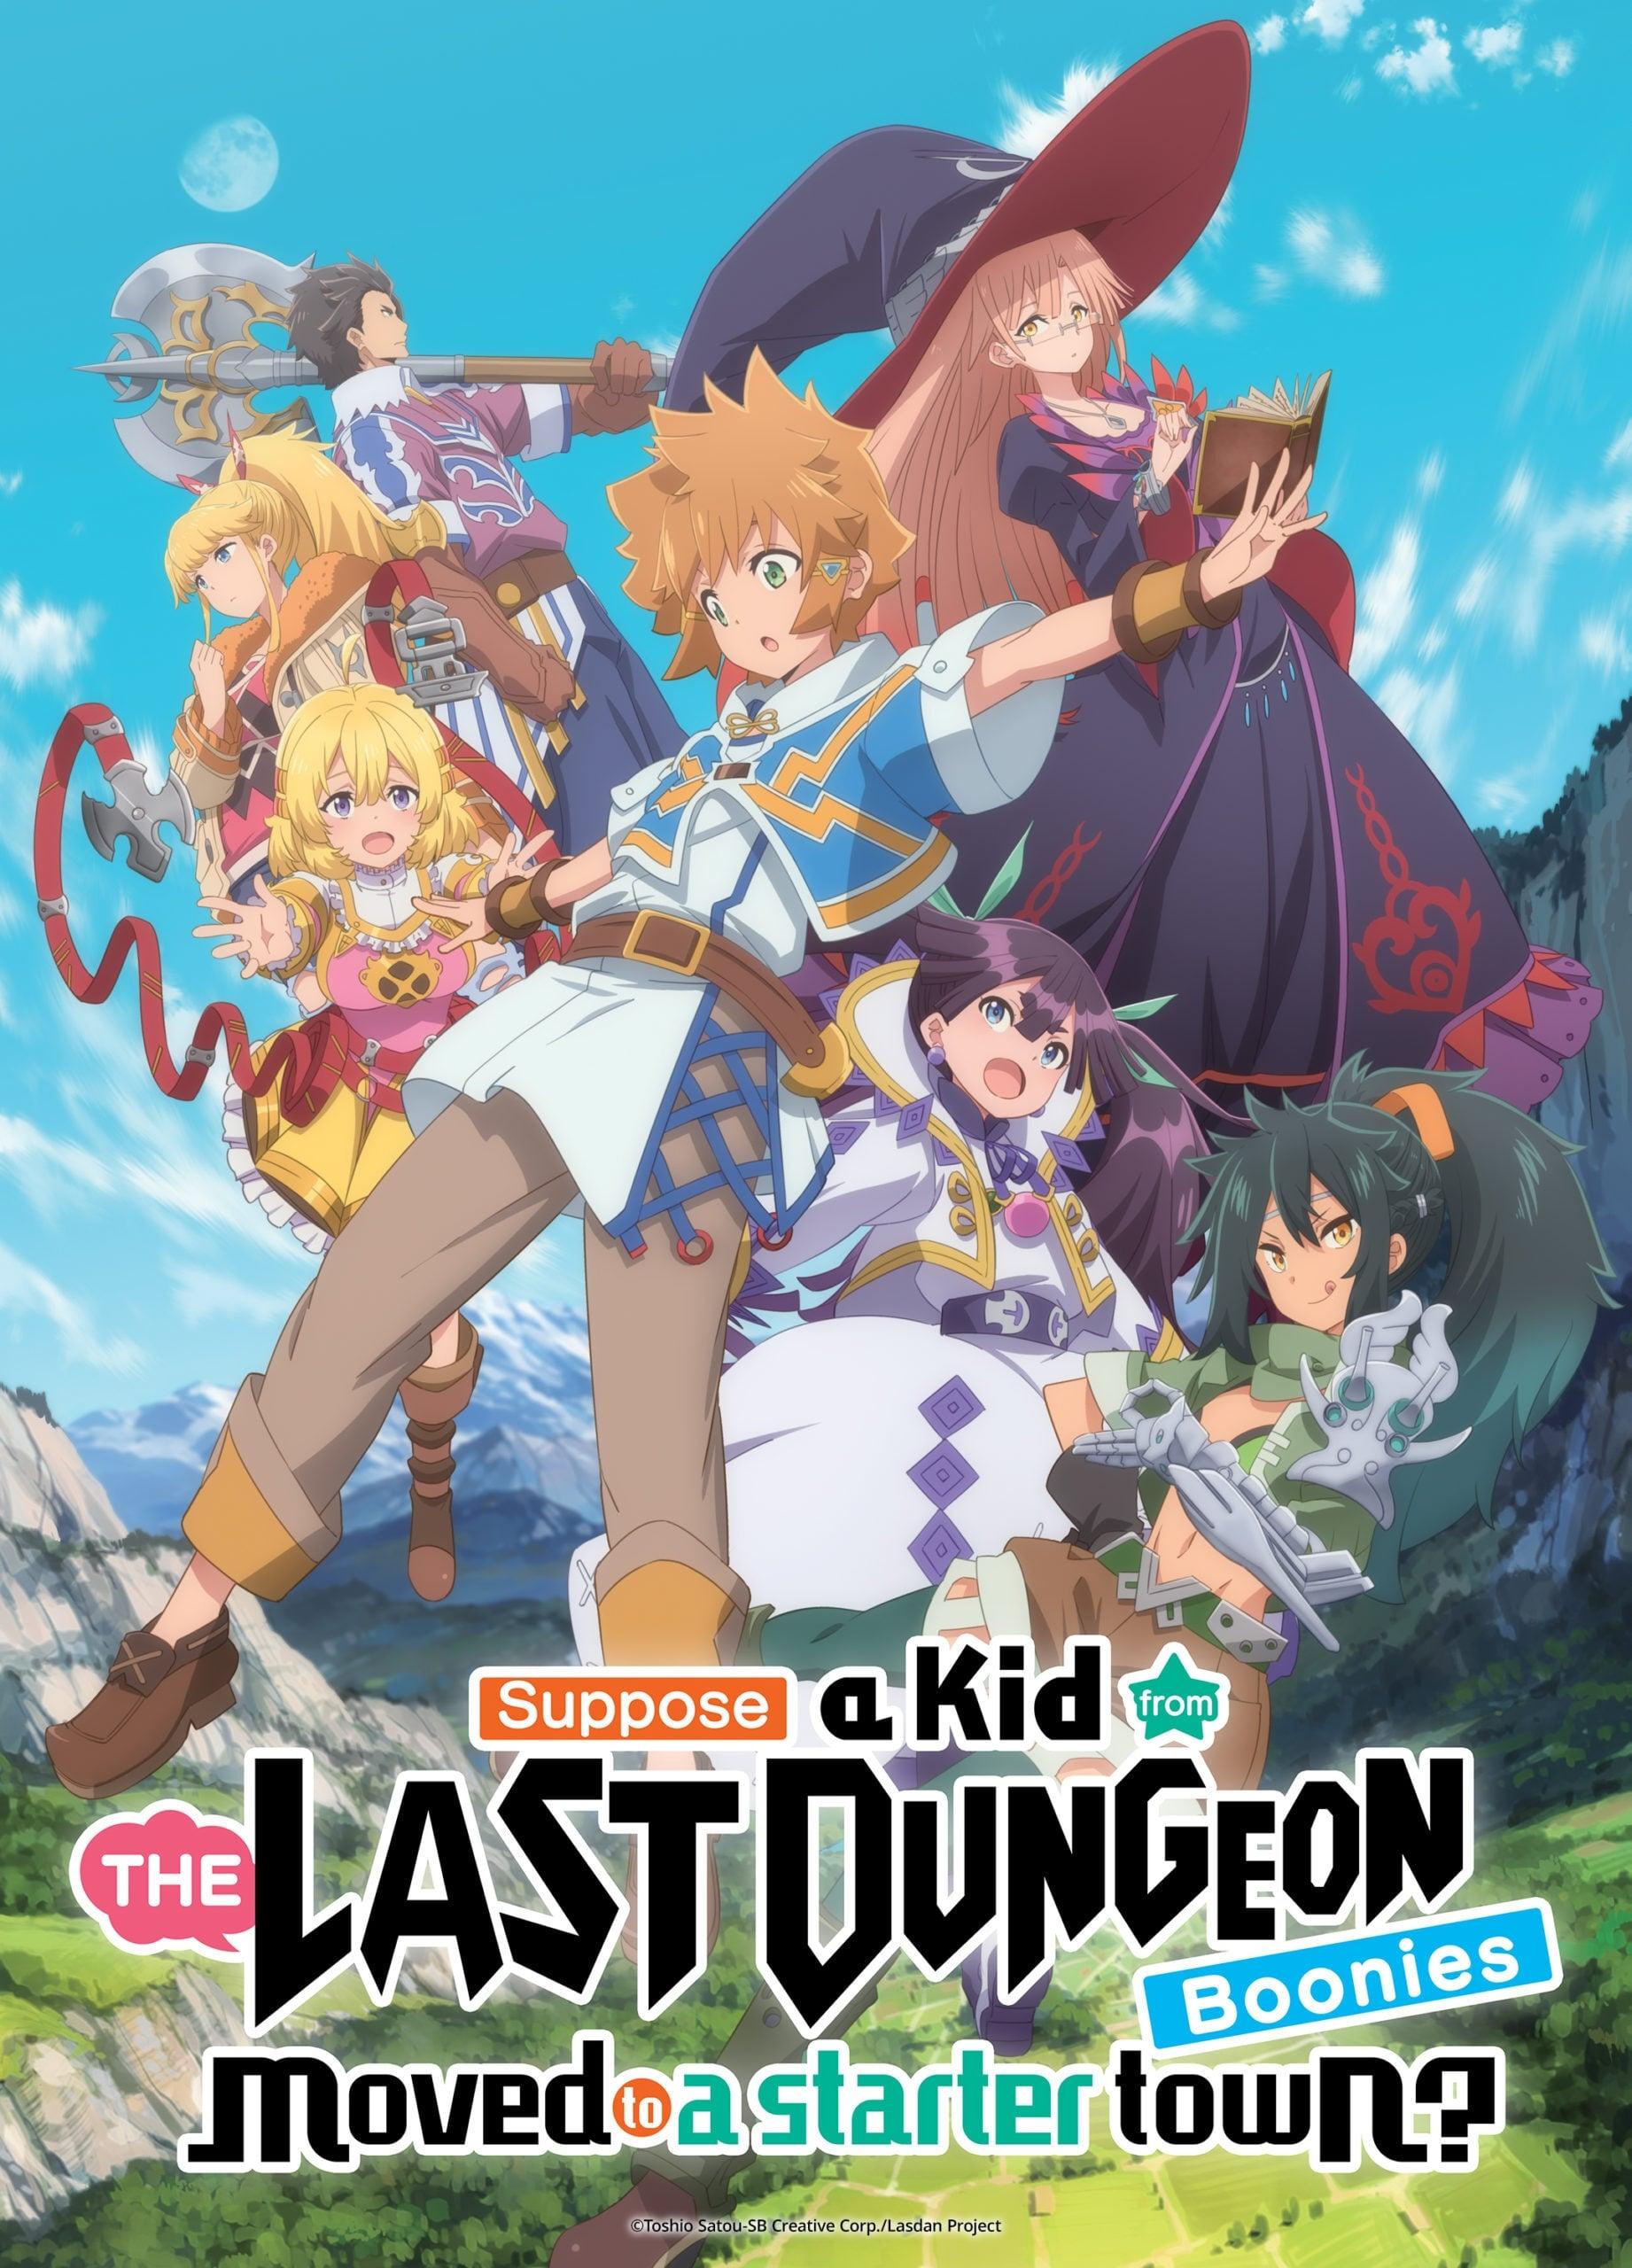 たとえばラストダンジョン前の村の少年が序盤の街で暮らすような物語 TV Shows About Fantasy World